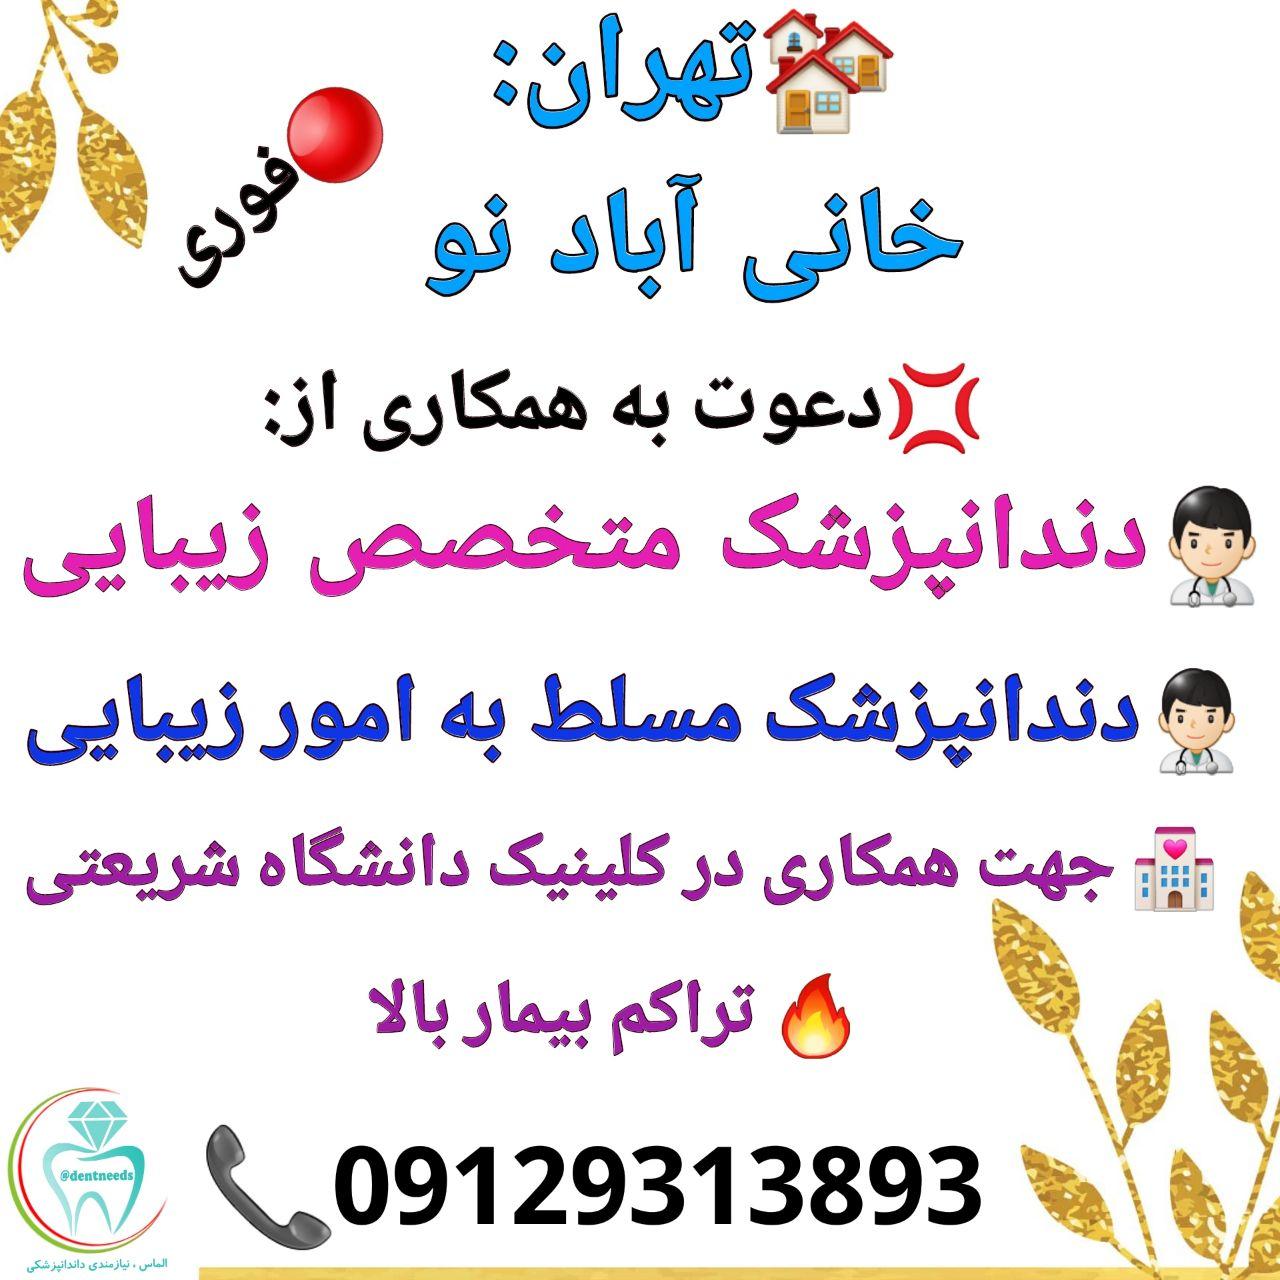 تهران: خانی آباد نو، دعوت به همکاری از دندانپزشک متخصص زیبایی، دندانپزشک مسلط به امور زیبایی